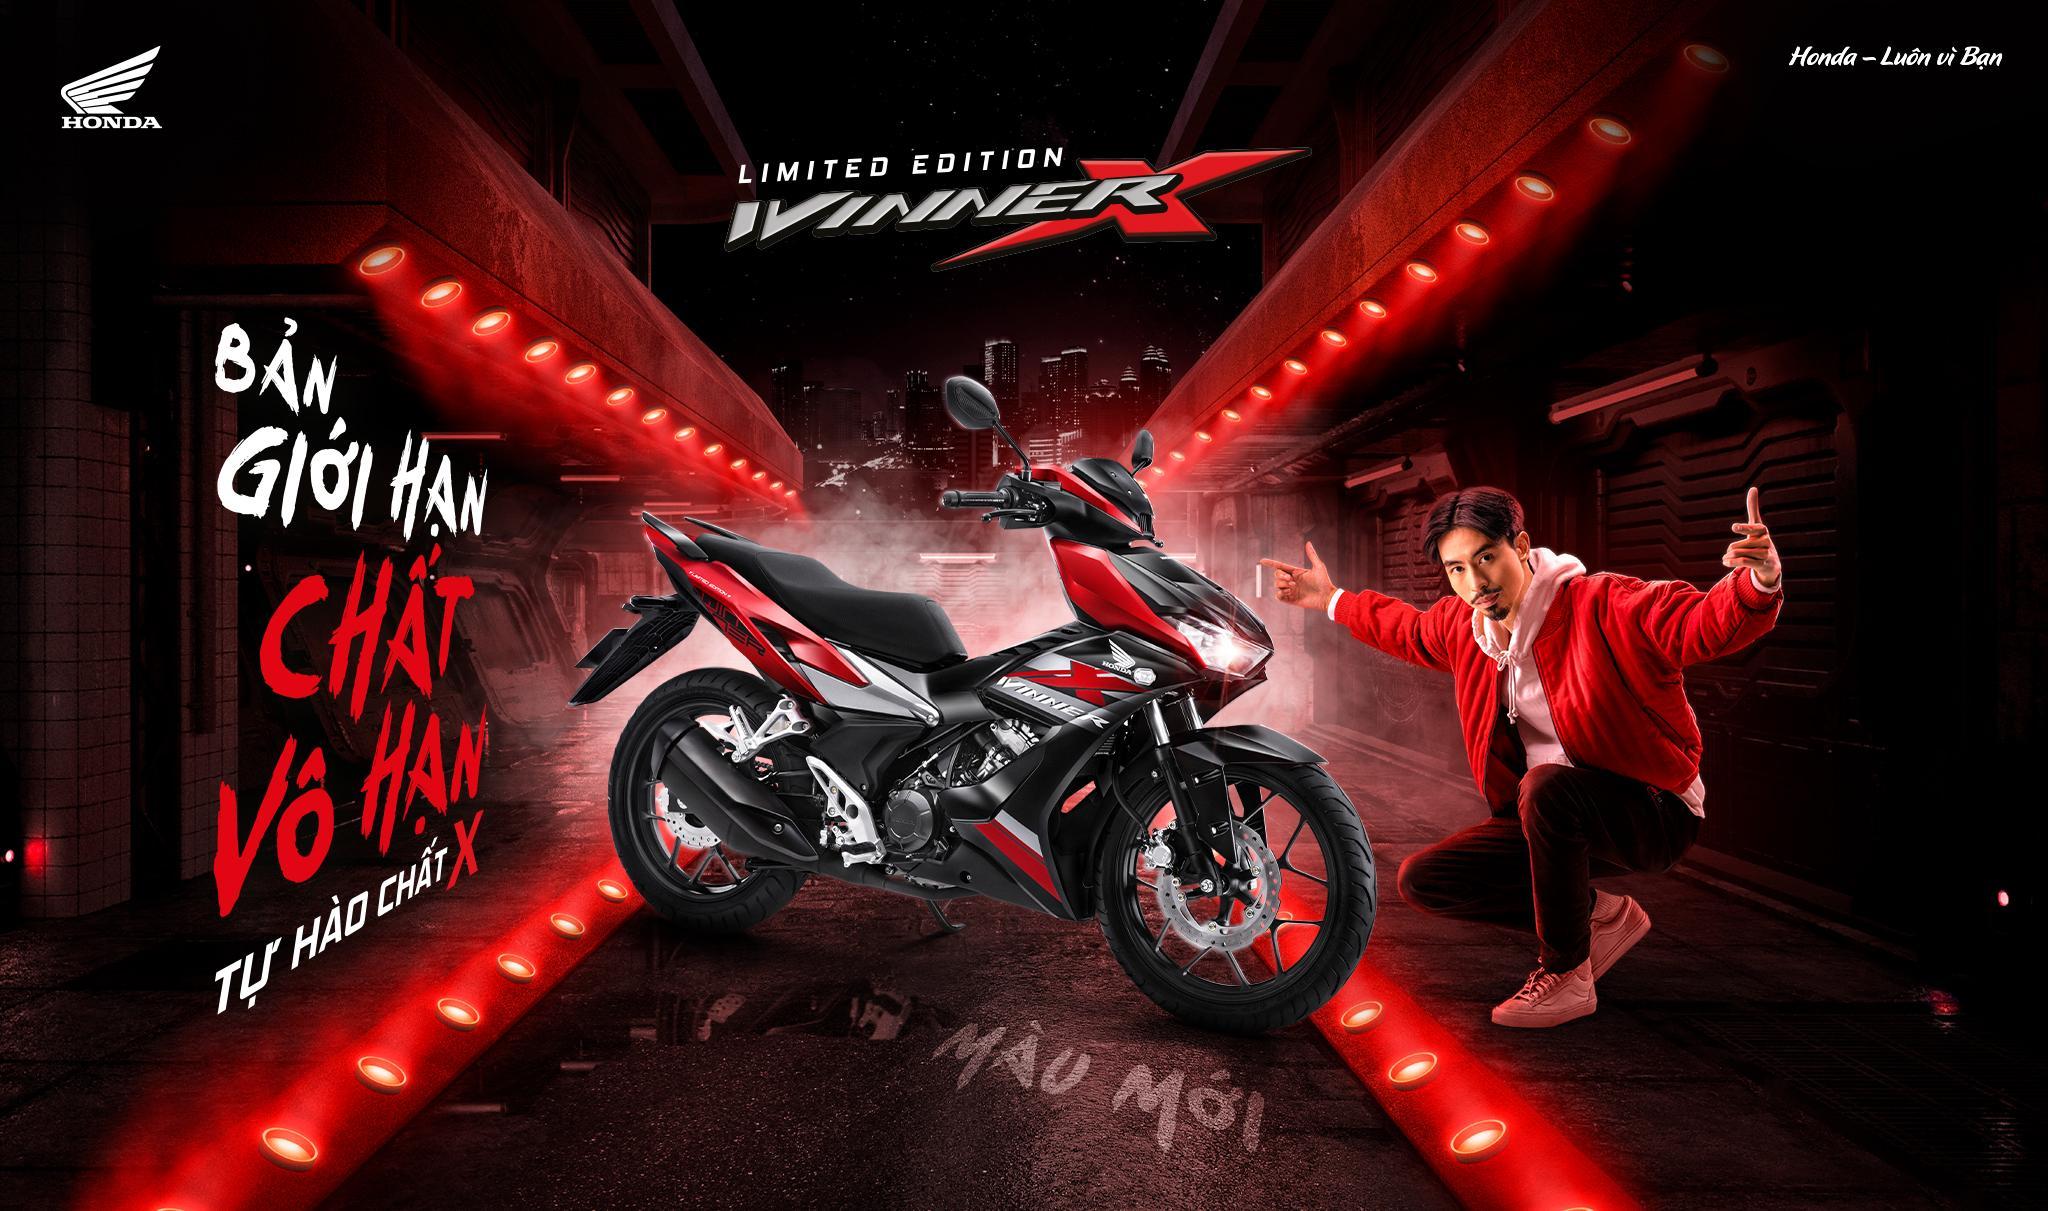 """Honda Việt Nam giới thiệu phiên bản màu giới hạn cho siêu phẩm WINNER X  - """"Bản giới hạn – Chất vô hạn"""" -"""